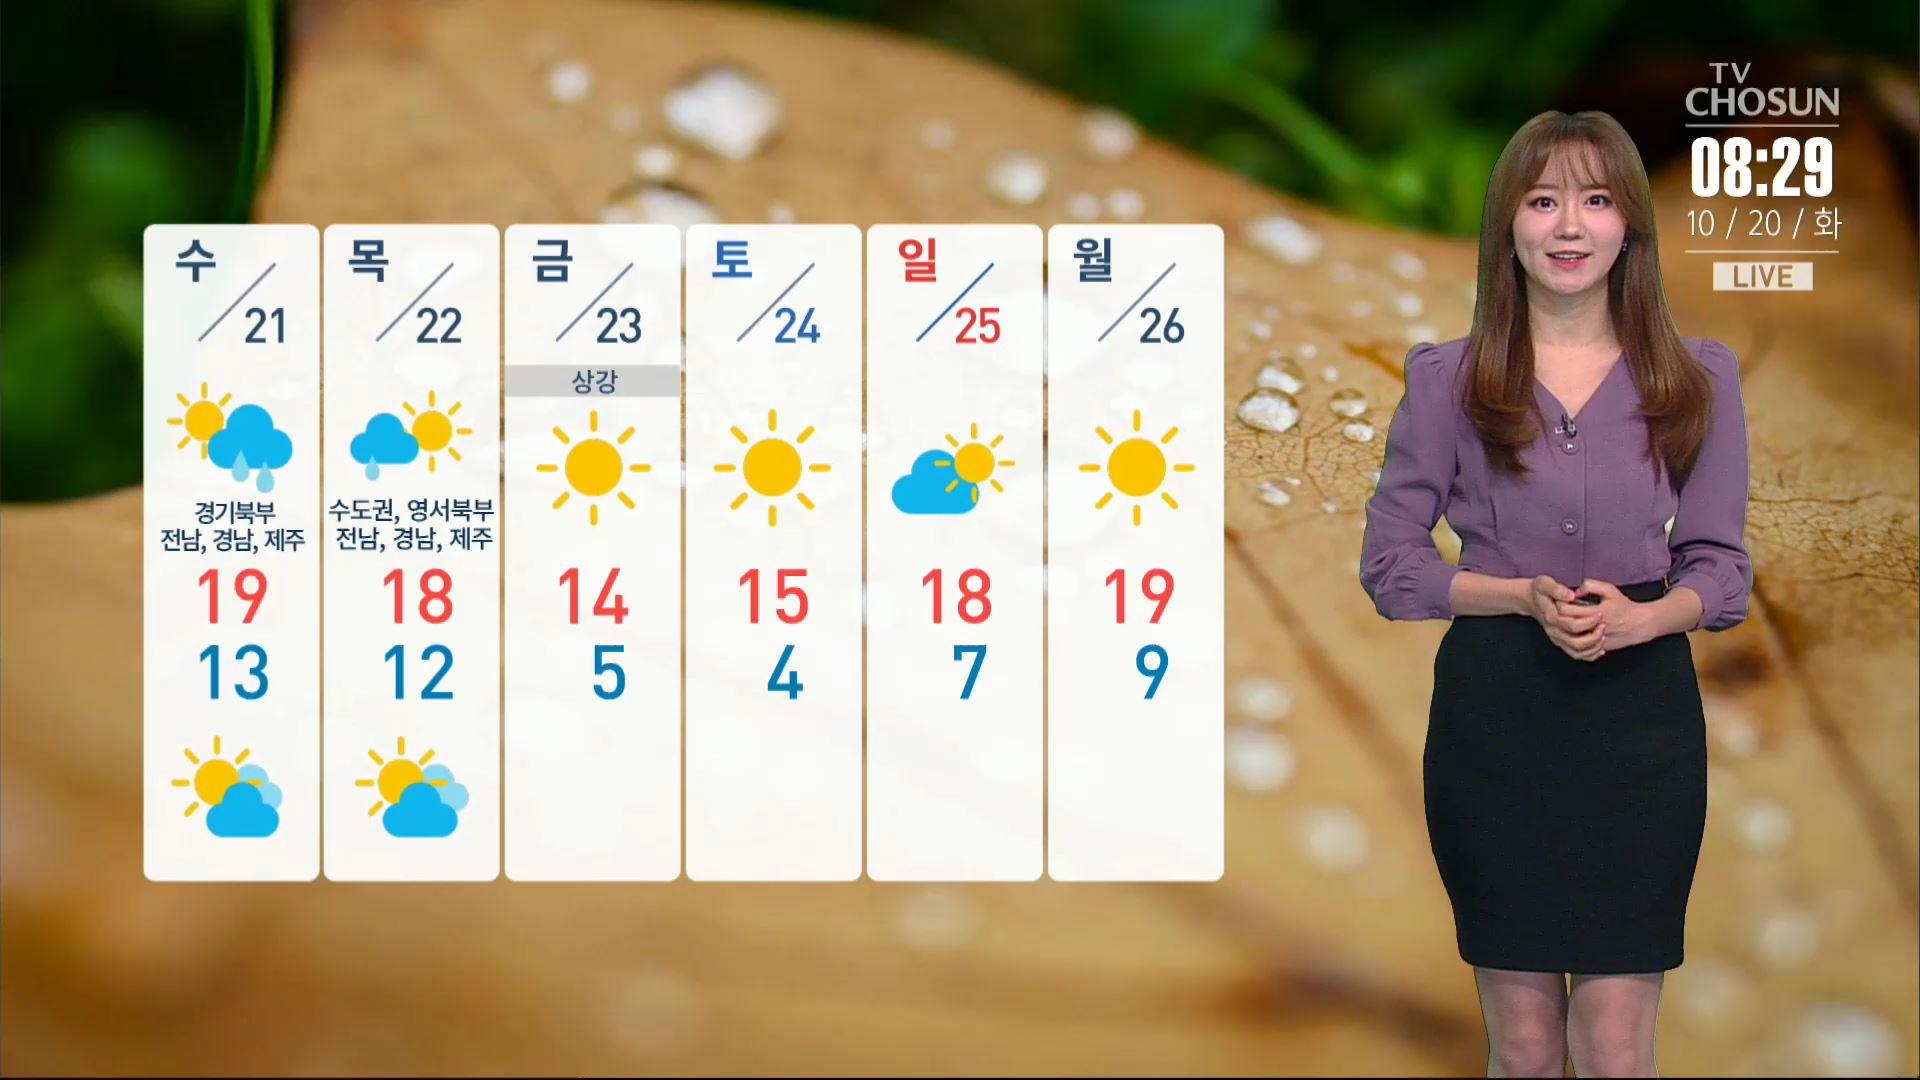 [날씨] 스모그·안개에 뿌연 출근길…곳곳 미세먼지 '나쁨'